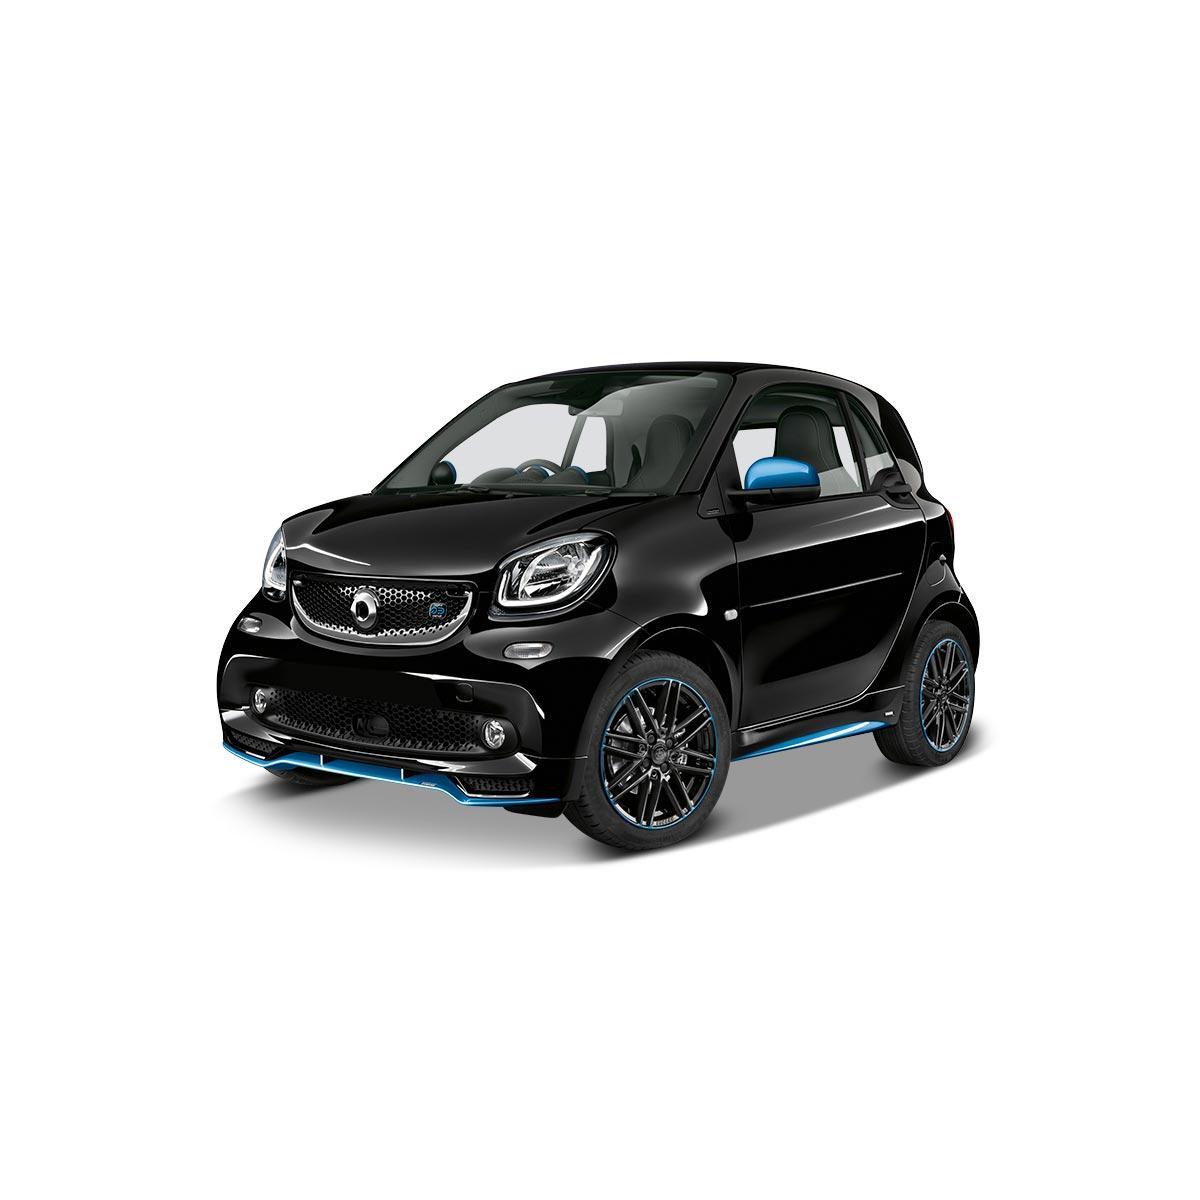 Smart fortwo EQ coupé